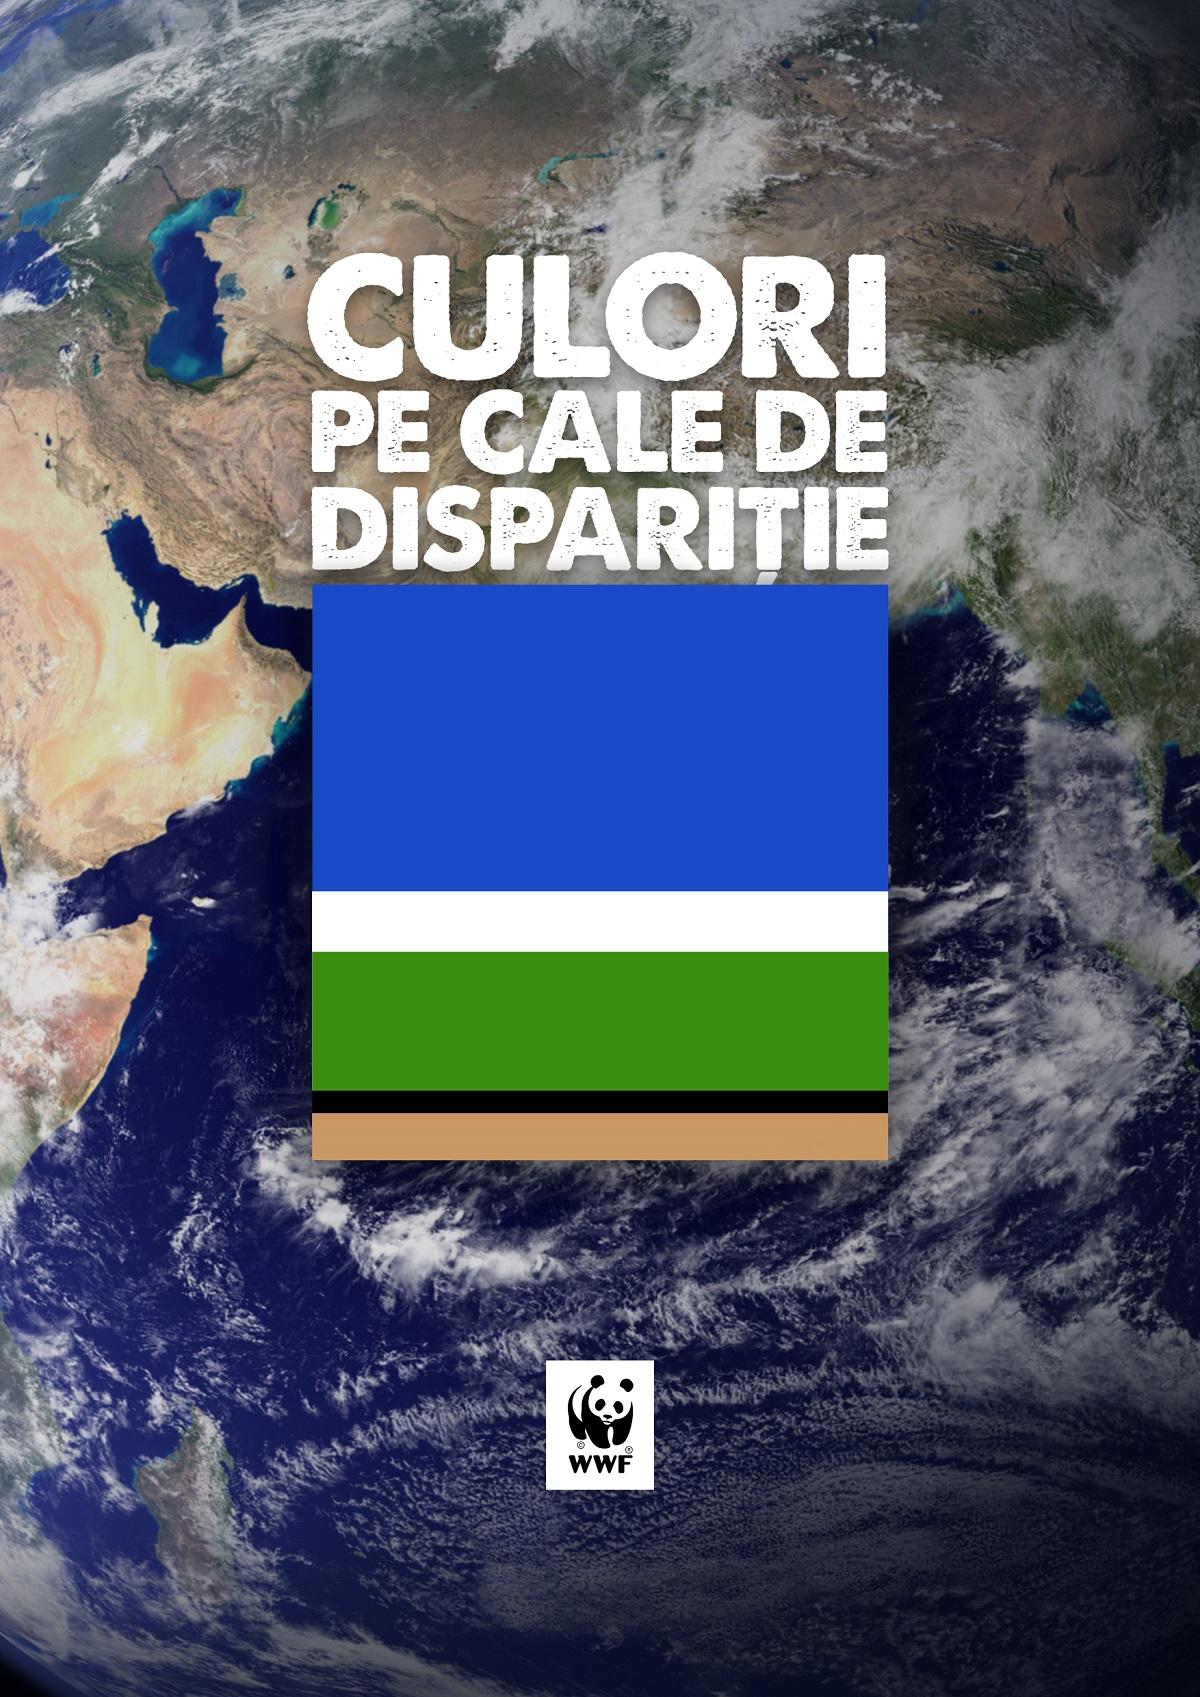 #Culoripecalededisparitie – o platformă de implicare pentru protejarea biodiversității din România